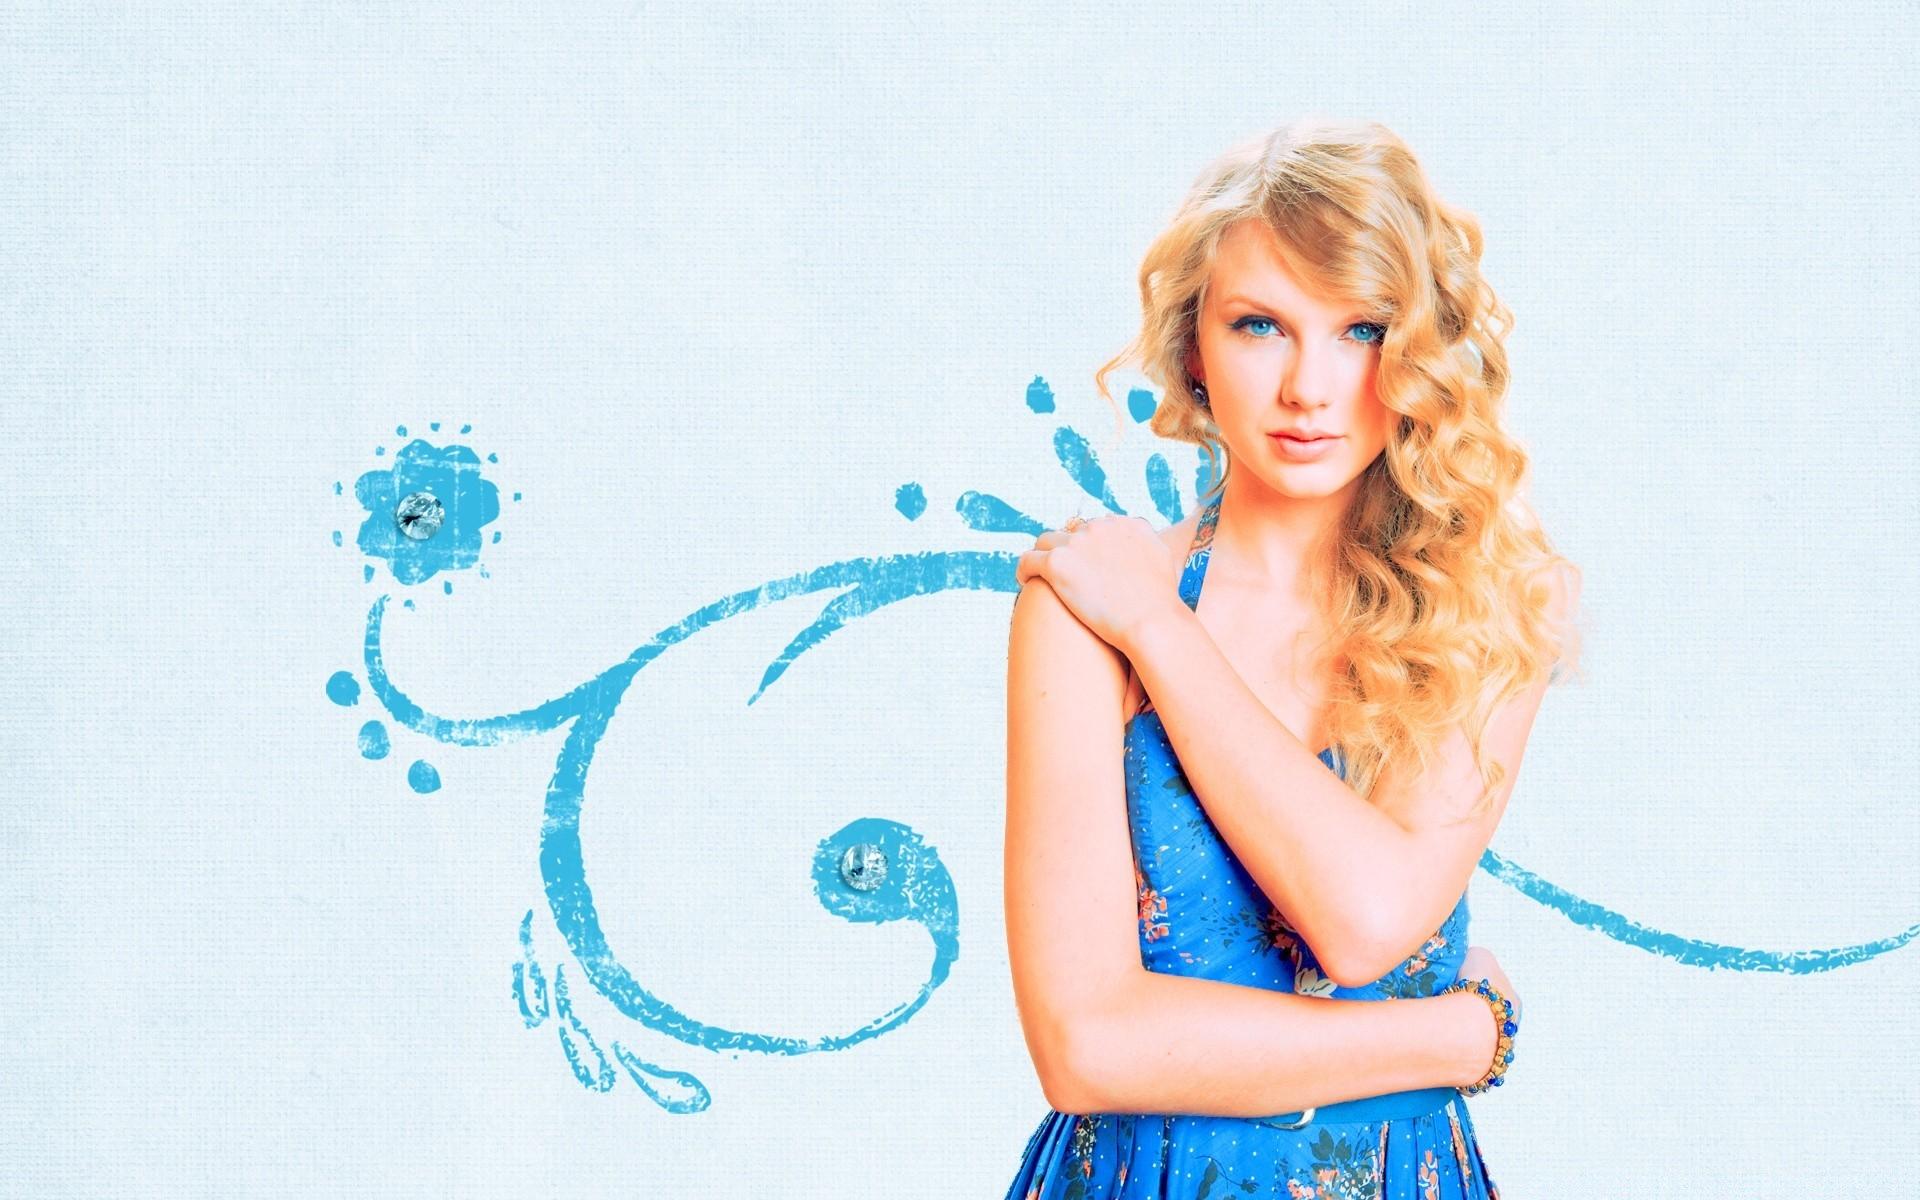 Music Woman Girl Beautiful Portrait Adult One Fashion - Taylor Swift Desktop Girl Wallpaper Desktop Desktop - HD Wallpaper